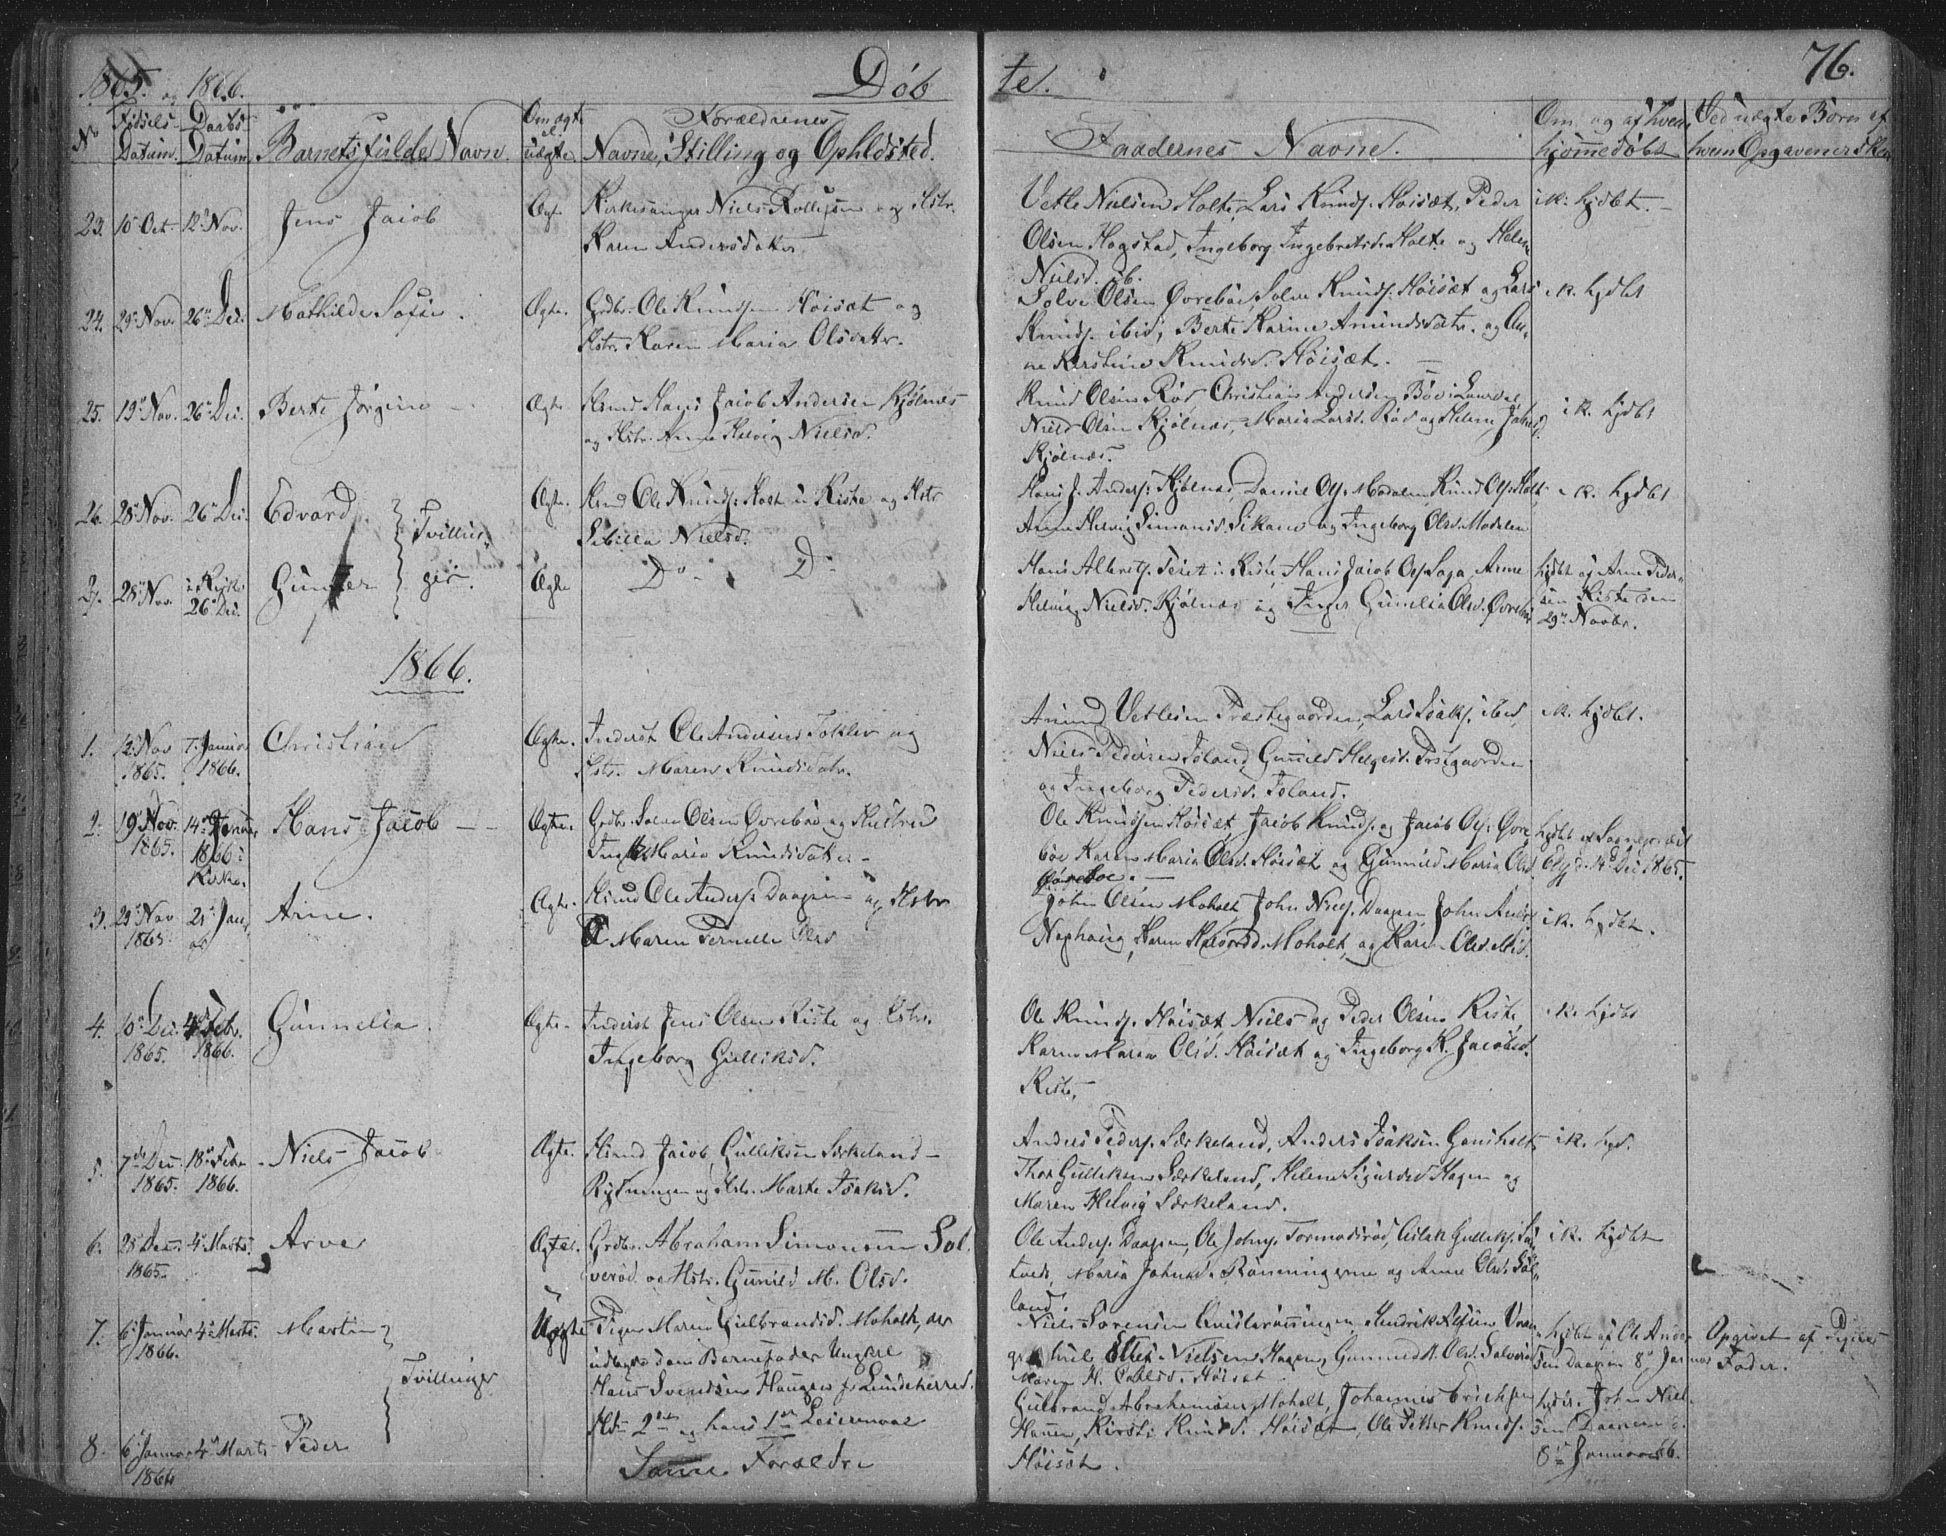 SAKO, Siljan kirkebøker, F/Fa/L0001: Ministerialbok nr. 1, 1831-1870, s. 76